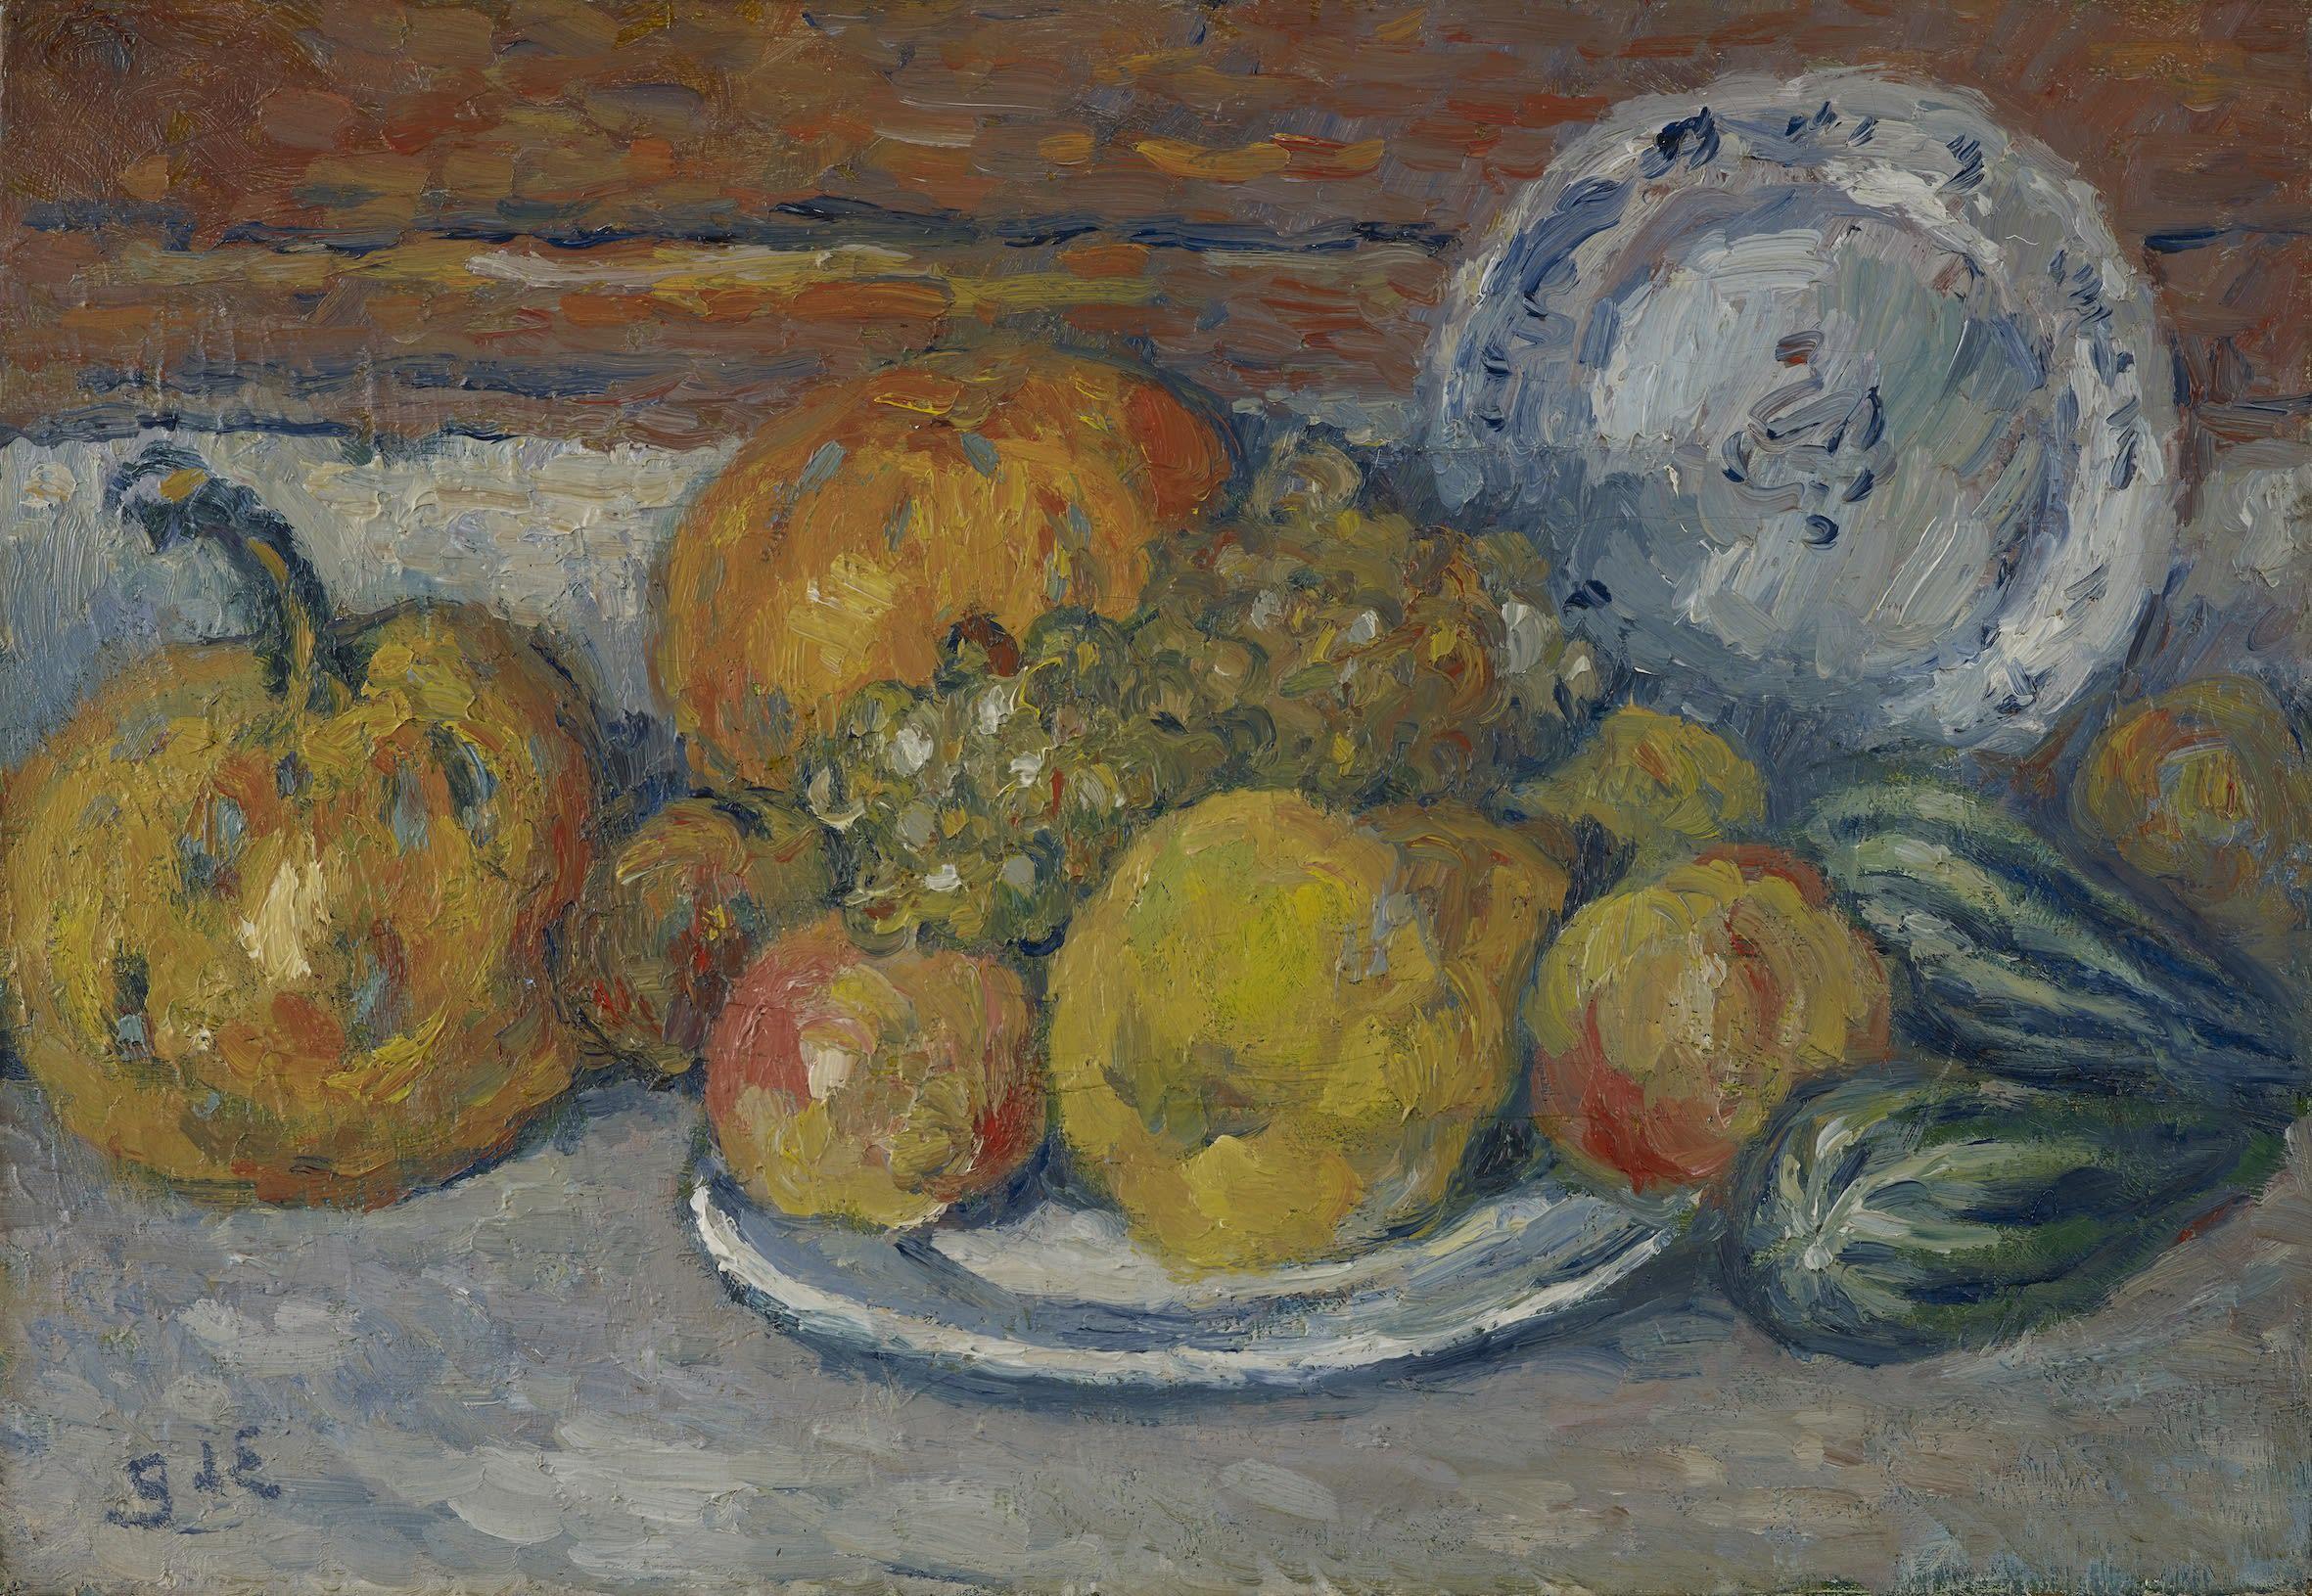 """<span class=""""link fancybox-details-link""""><a href=""""/artists/40-georges-despagnat/works/9387-georges-d-espagnat-nature-morte-aux-fruits-et-legumes/"""">View Detail Page</a></span><div class=""""artist""""><span class=""""artist""""><strong>Georges d'Espagnat</strong></span></div><div class=""""title""""><em>Nature morte aux fruits et legumes</em></div>"""